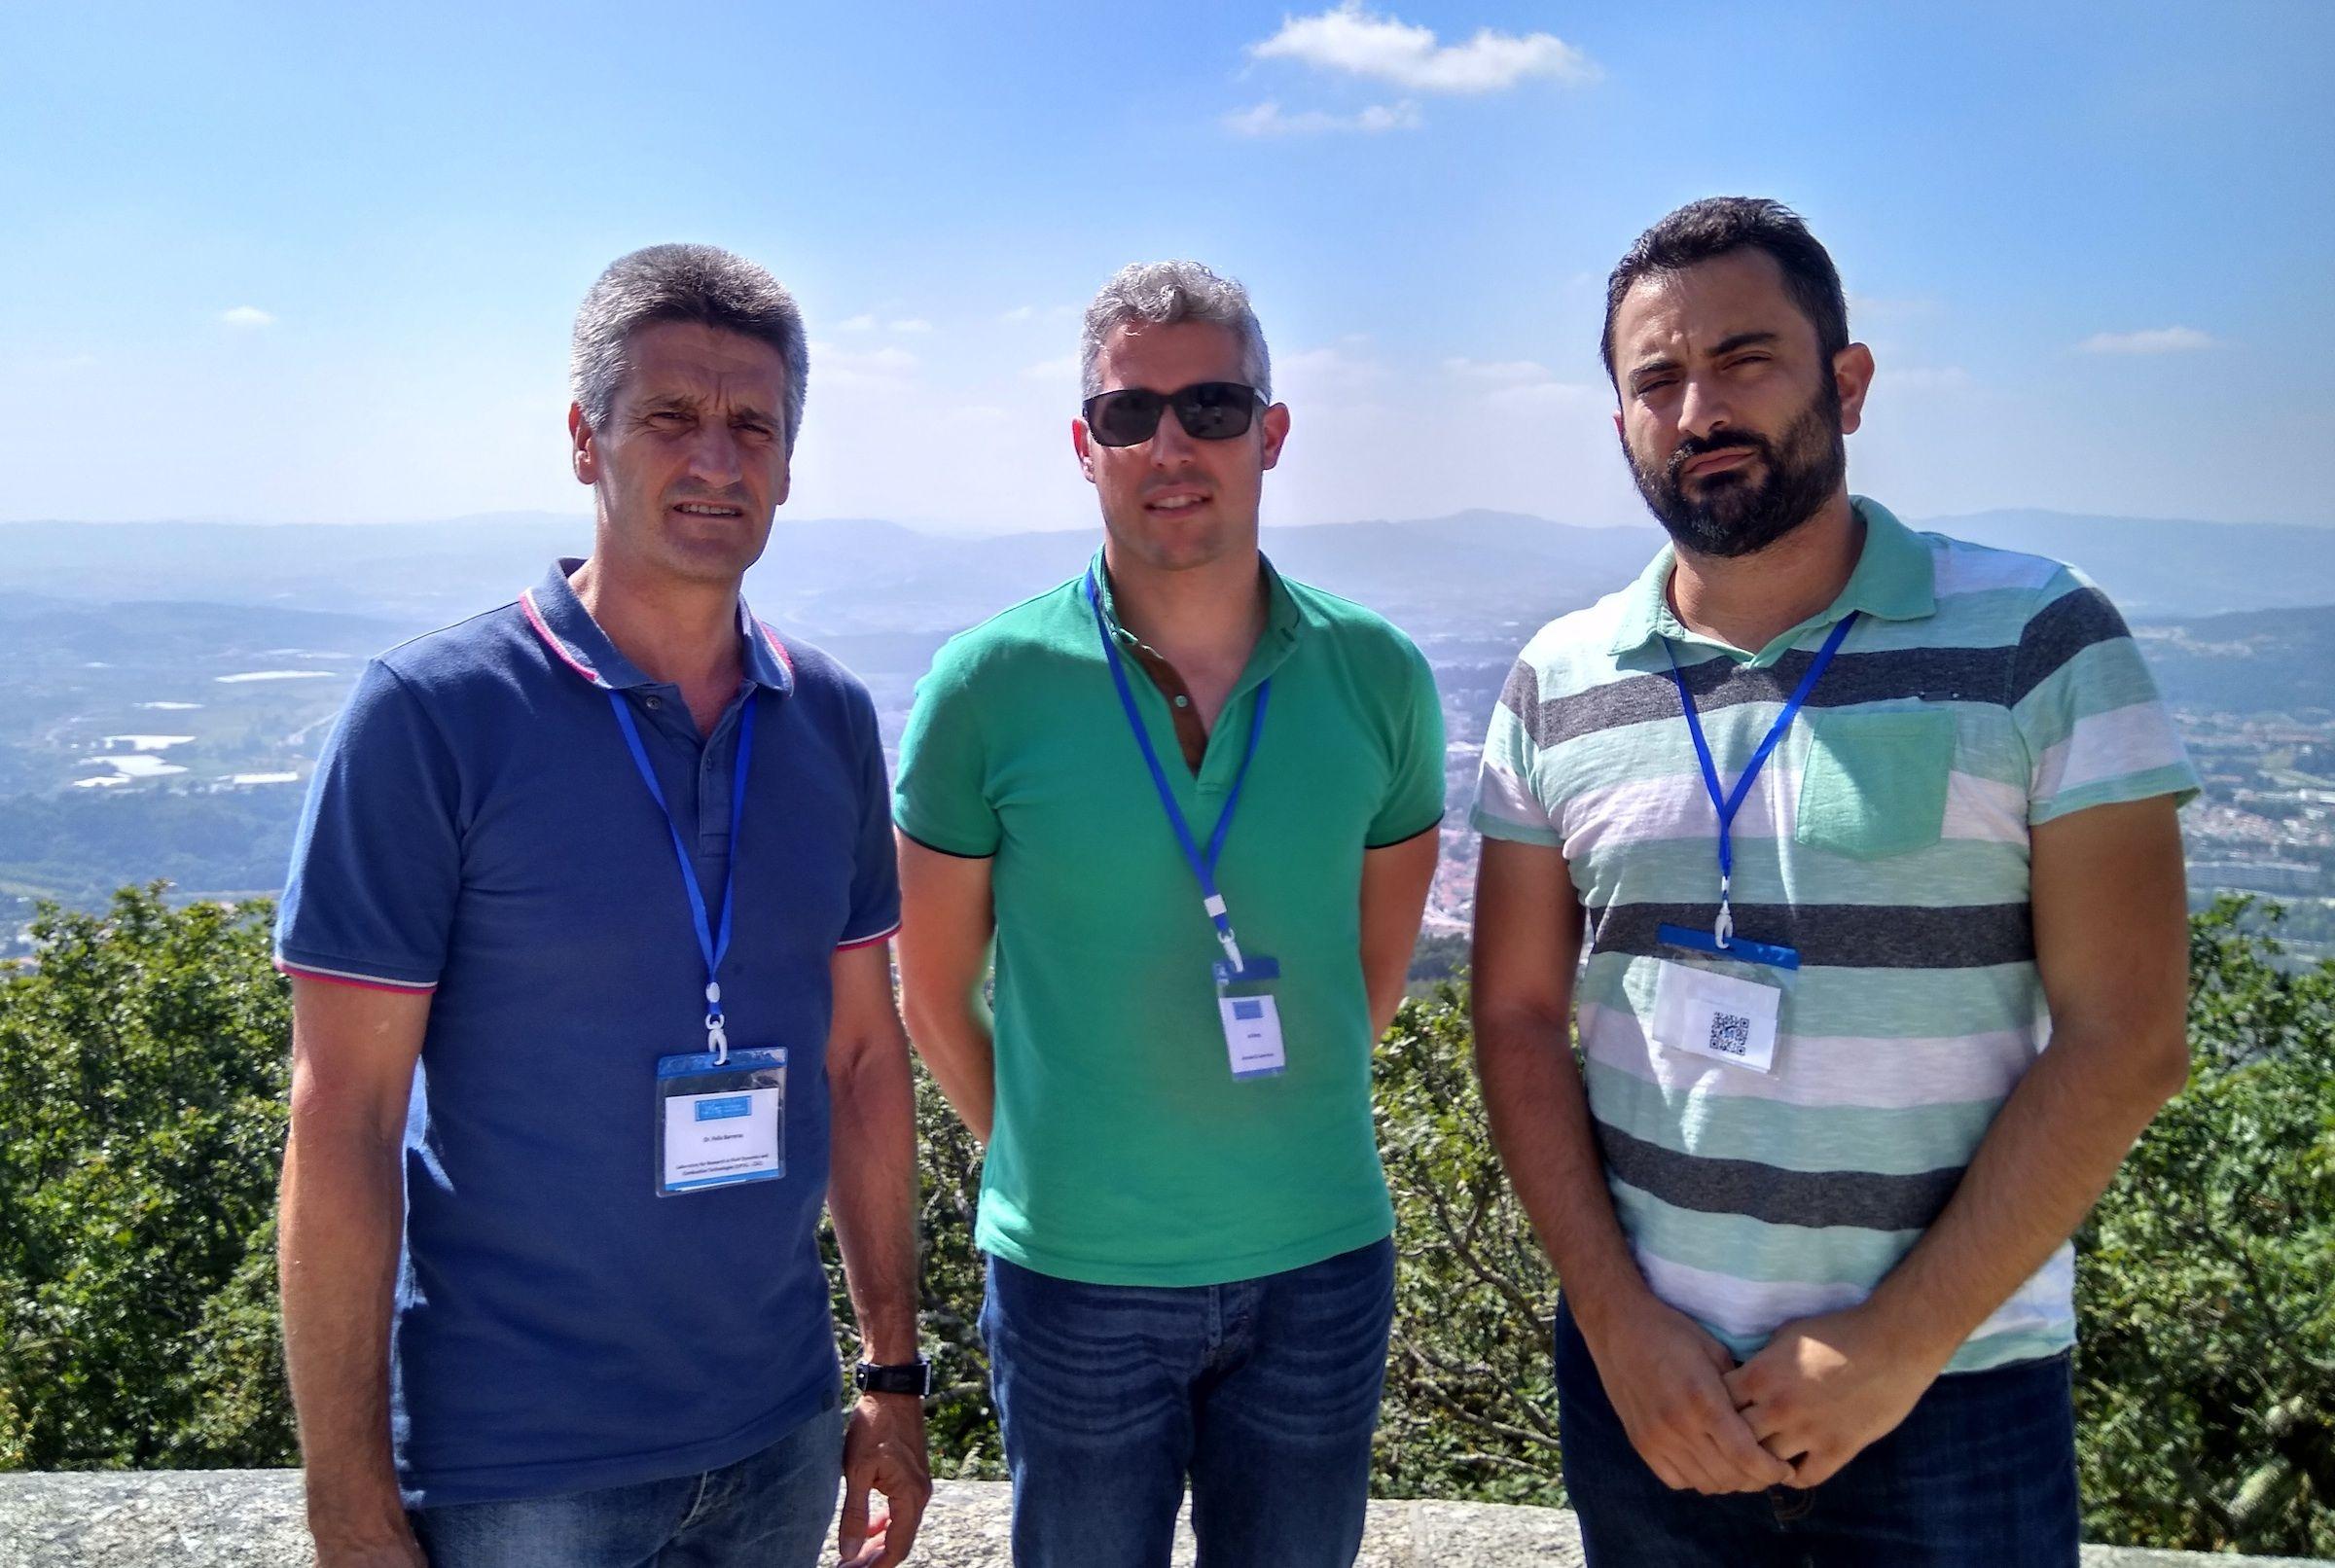 Los investigadores Félix Barreras (LIFTEC Zaragoza), Jordi Renau (CEU-UCH) y Antonio Real (CEU-UCH), la pasada semana en Oporto, sede de Hyceltec 2017 donde han presentado el nuevo sistema de cogeneración.